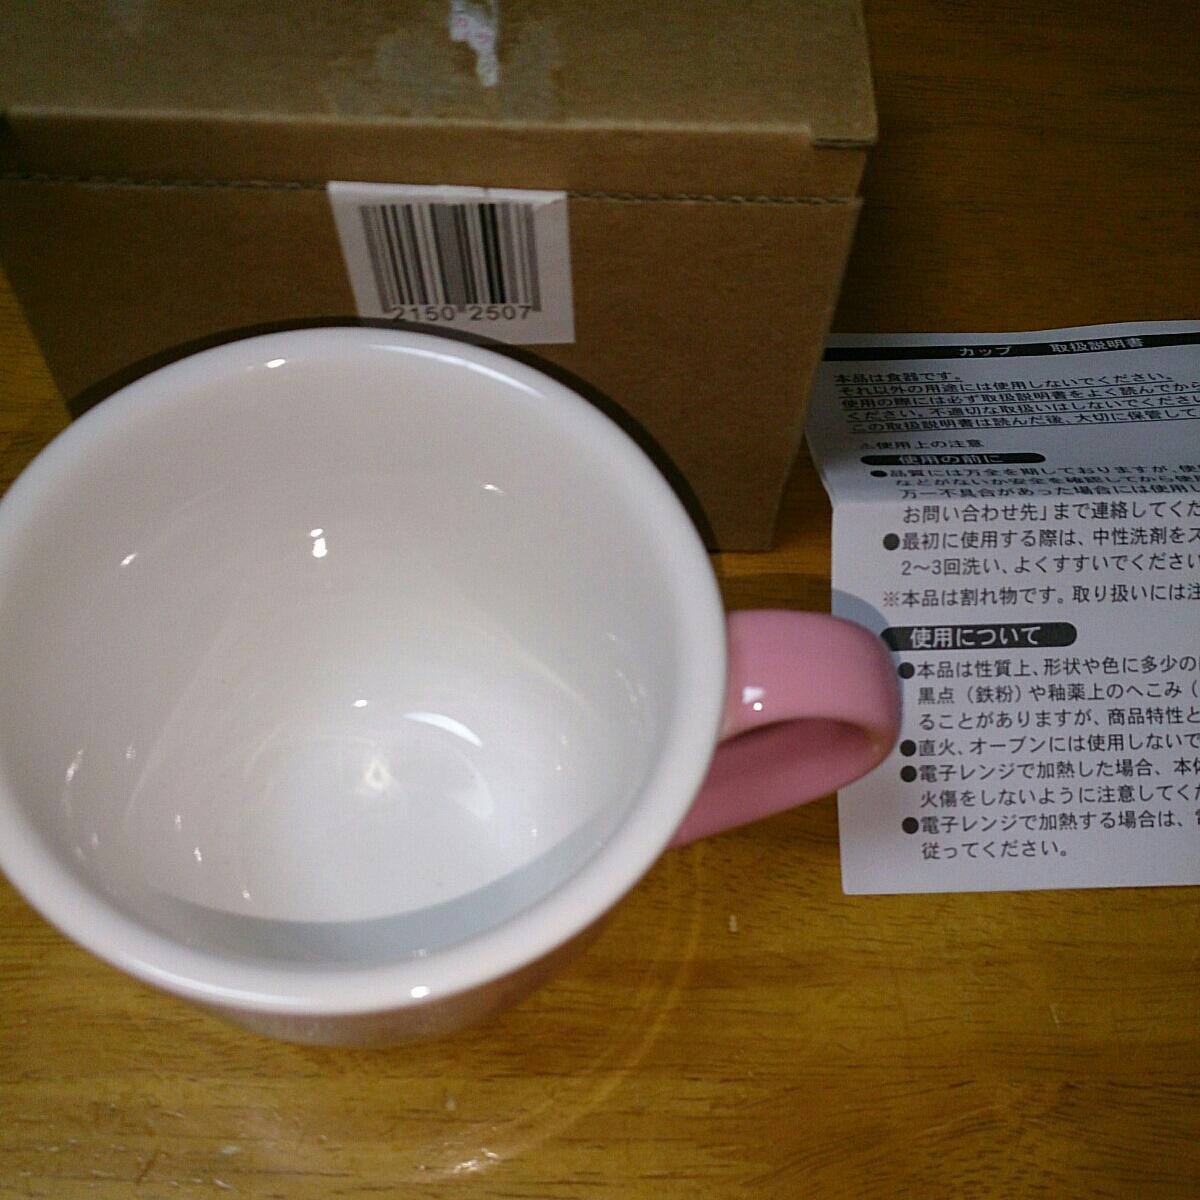 ミスタードーナツ☆オリジナルマグカップ☆ピンク☆非売品レアコップミスド_画像3